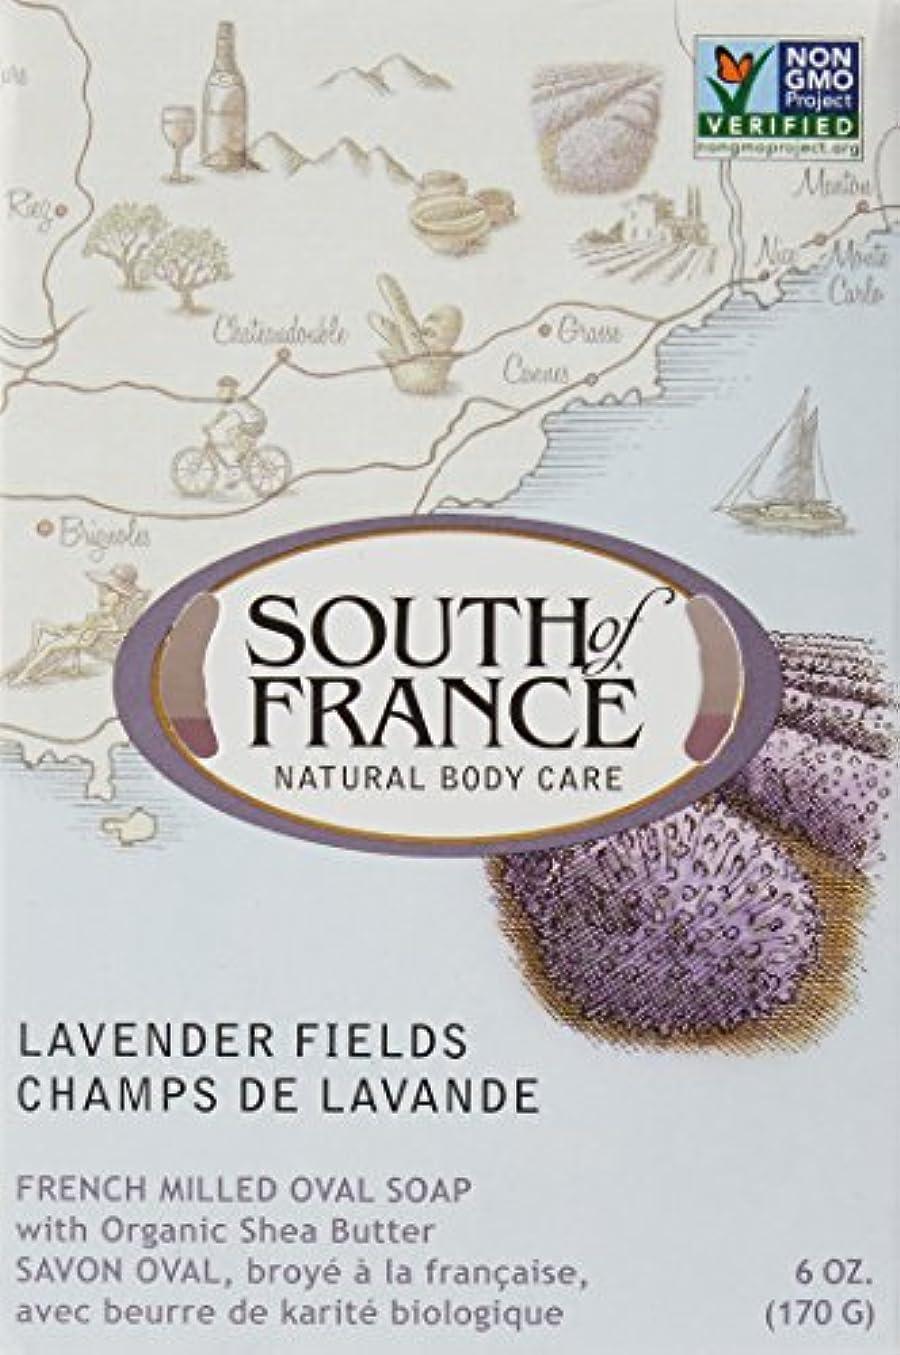 アセンブリパストロリーSouth of France - フランスの製粉された野菜棒石鹸のラベンダーは守備につく - 6ポンド